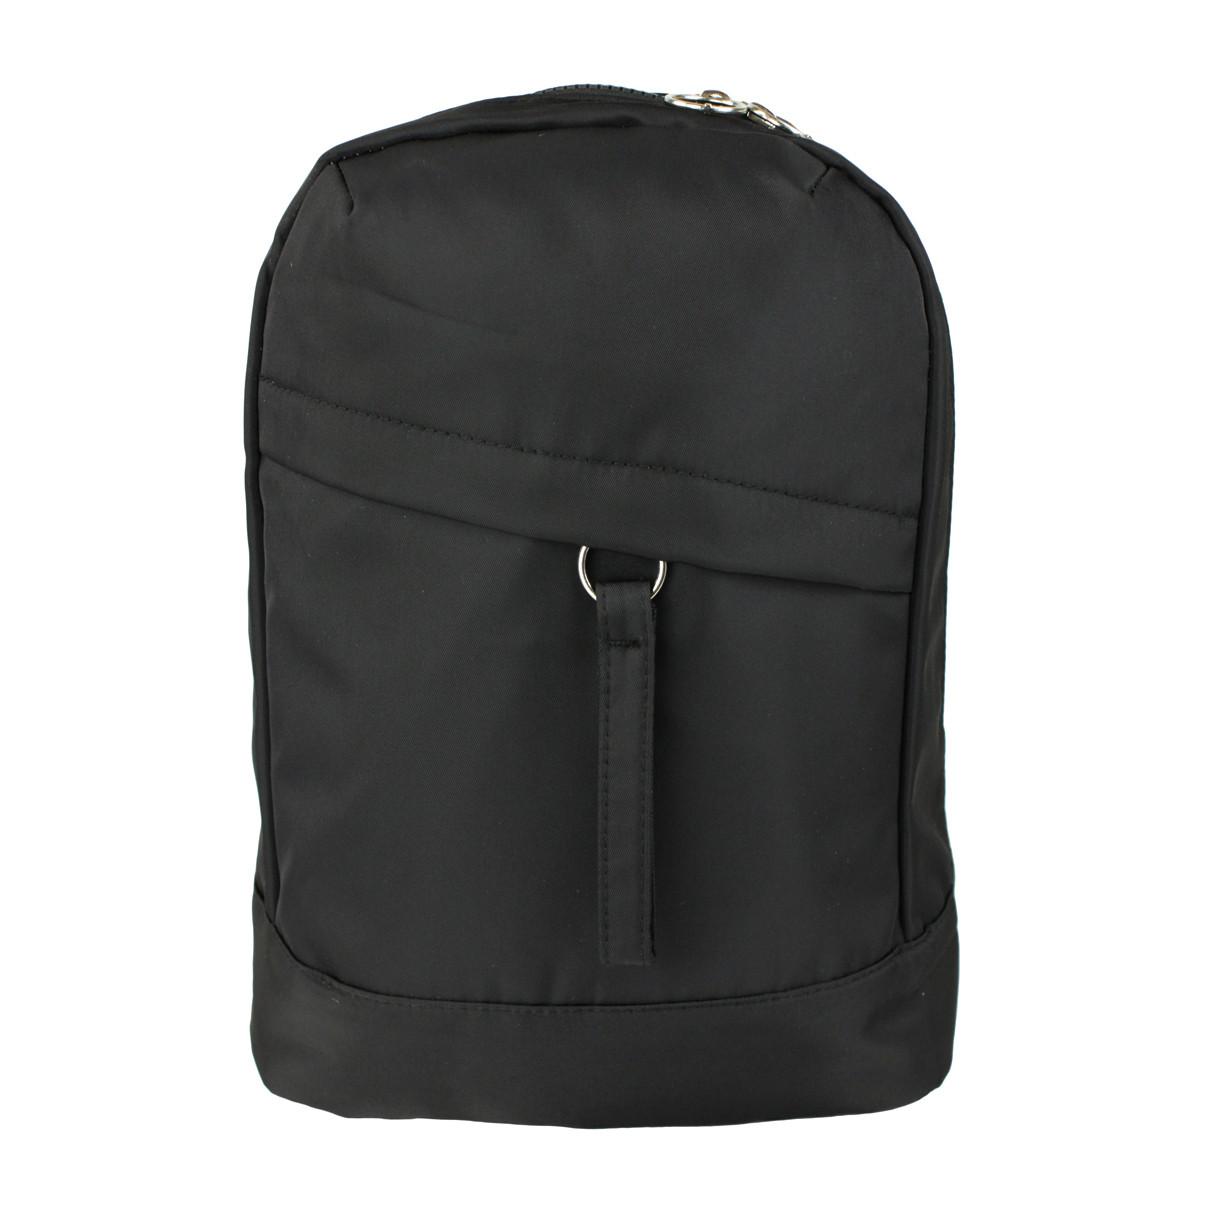 Рюкзак городской тканевый Slo черный (716841)